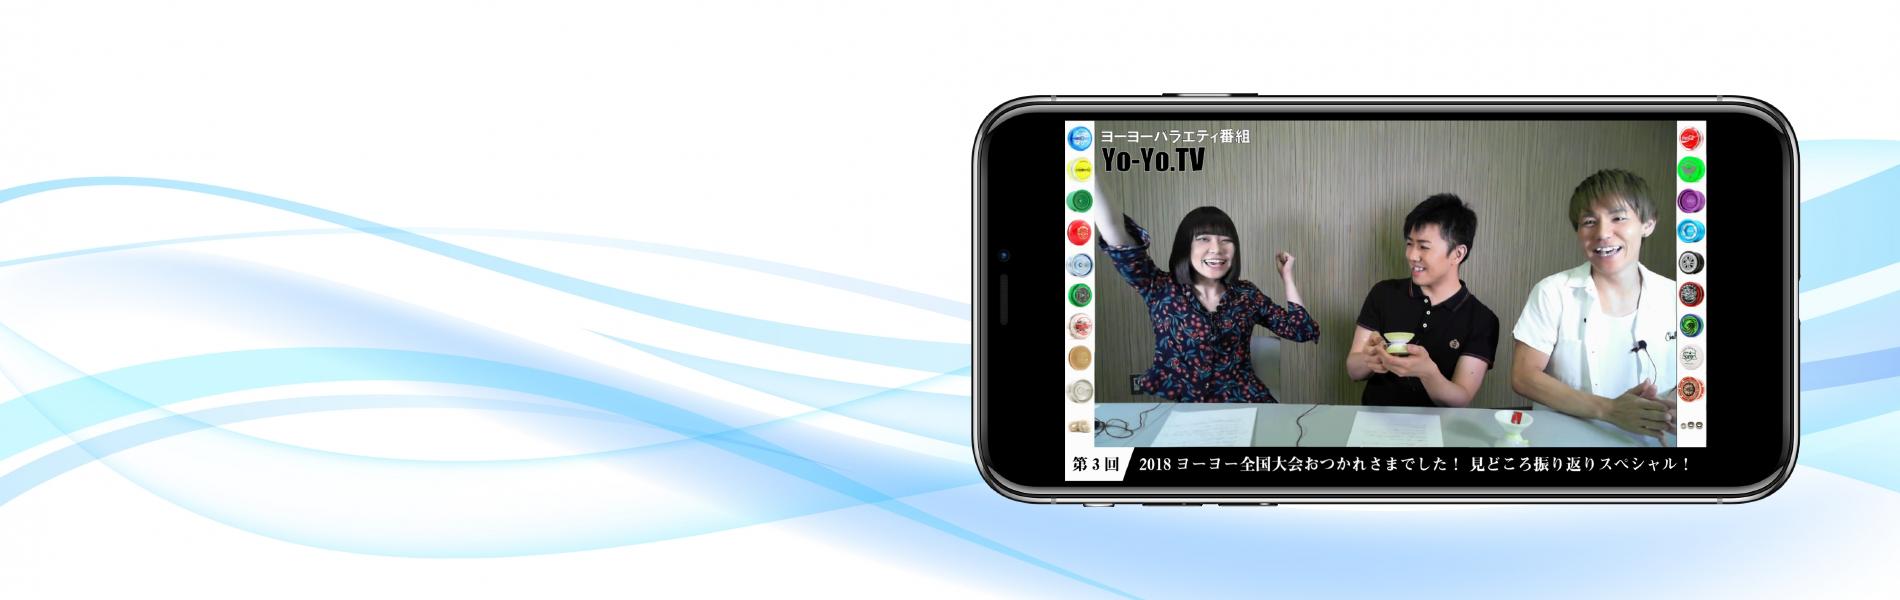 Yo-Yo TV